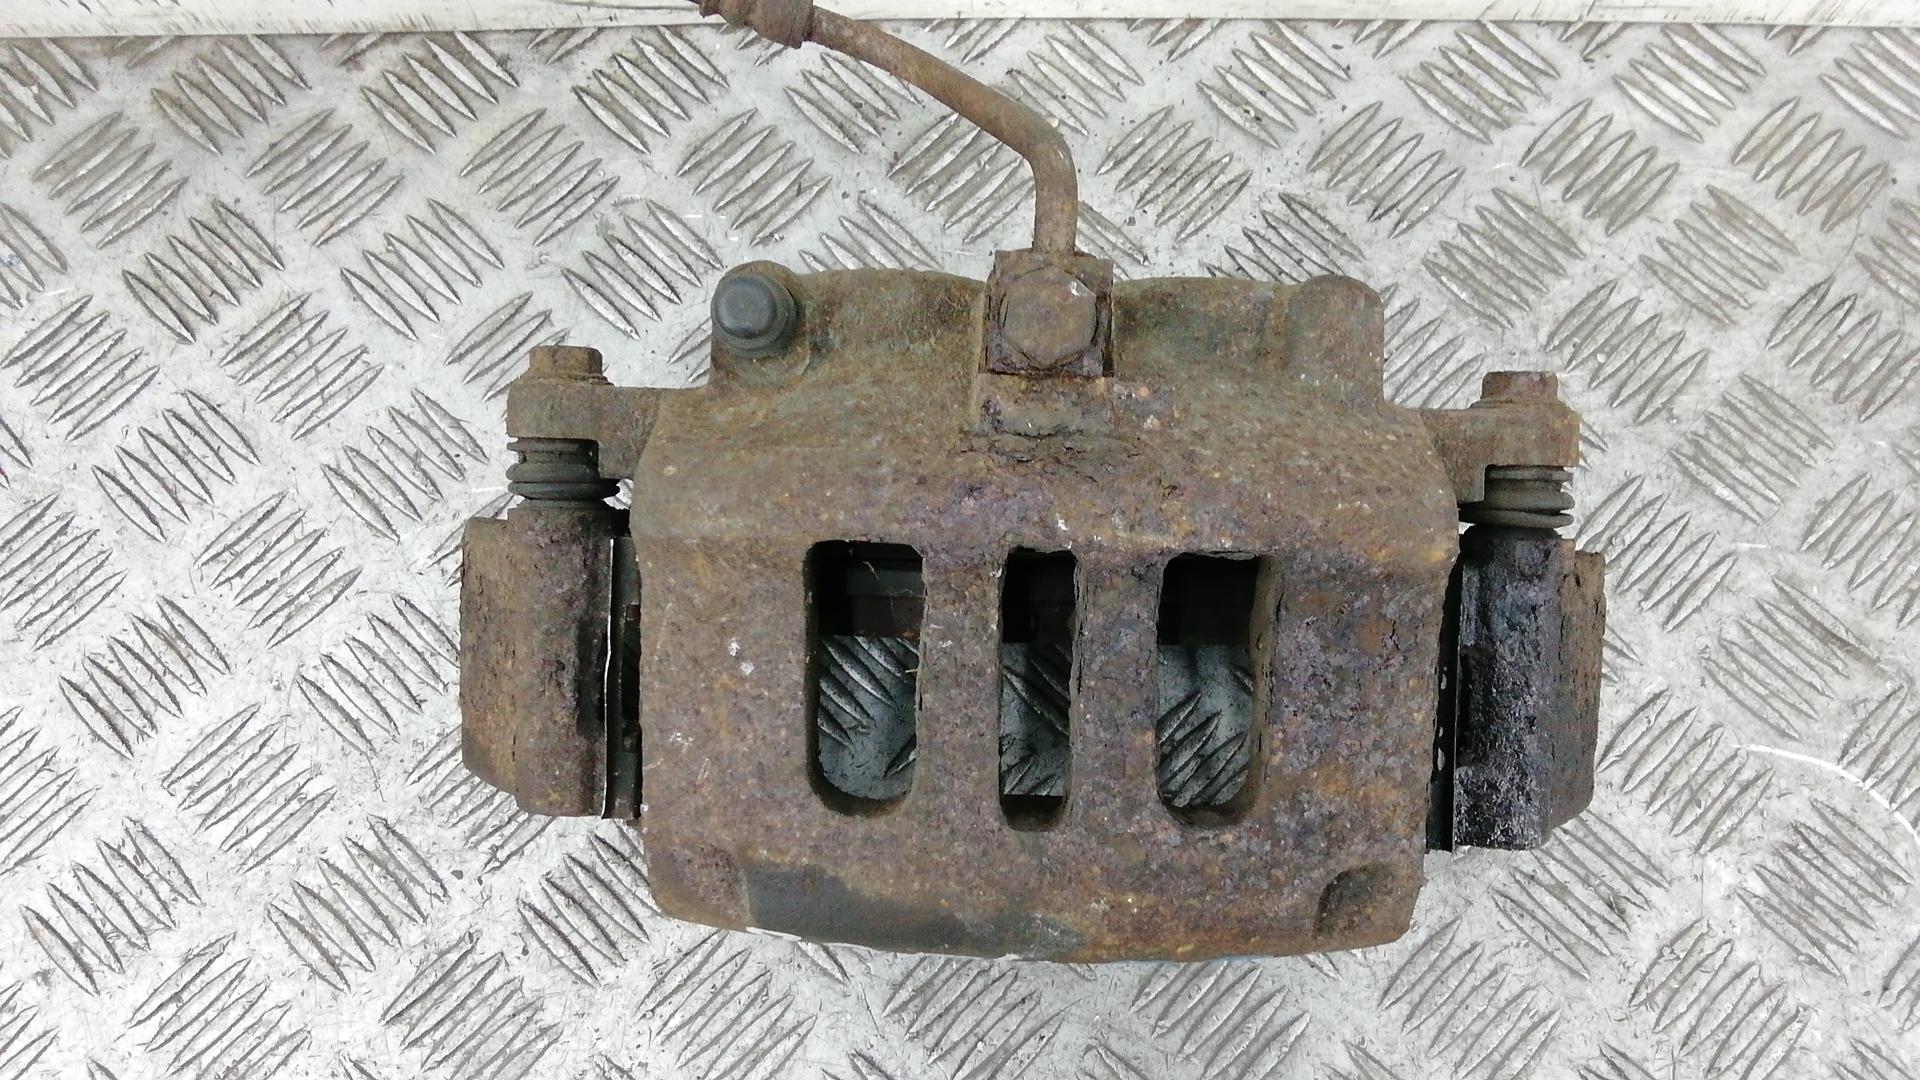 Суппорт тормозной передний правый, CHRYSLER, PACIFICA 1, 2005